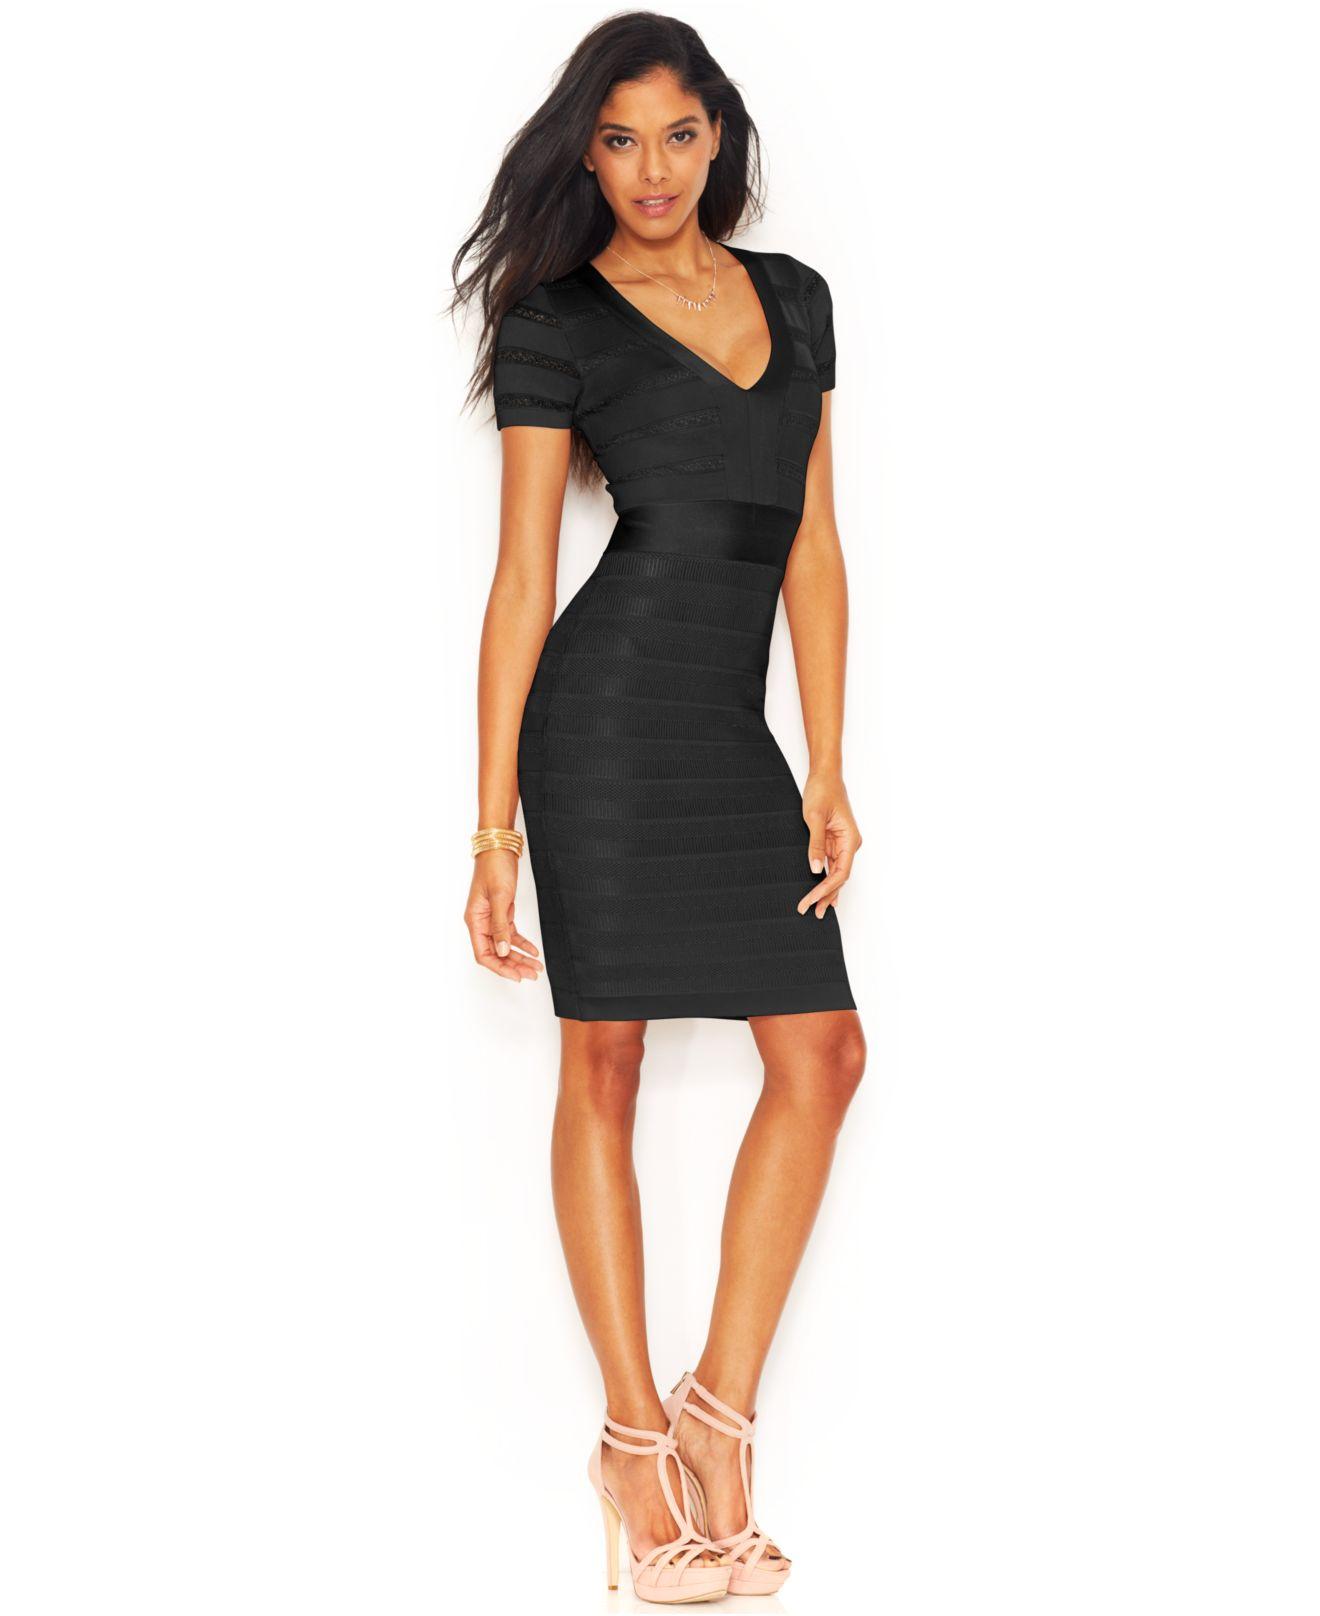 Short Black Bandage Dress